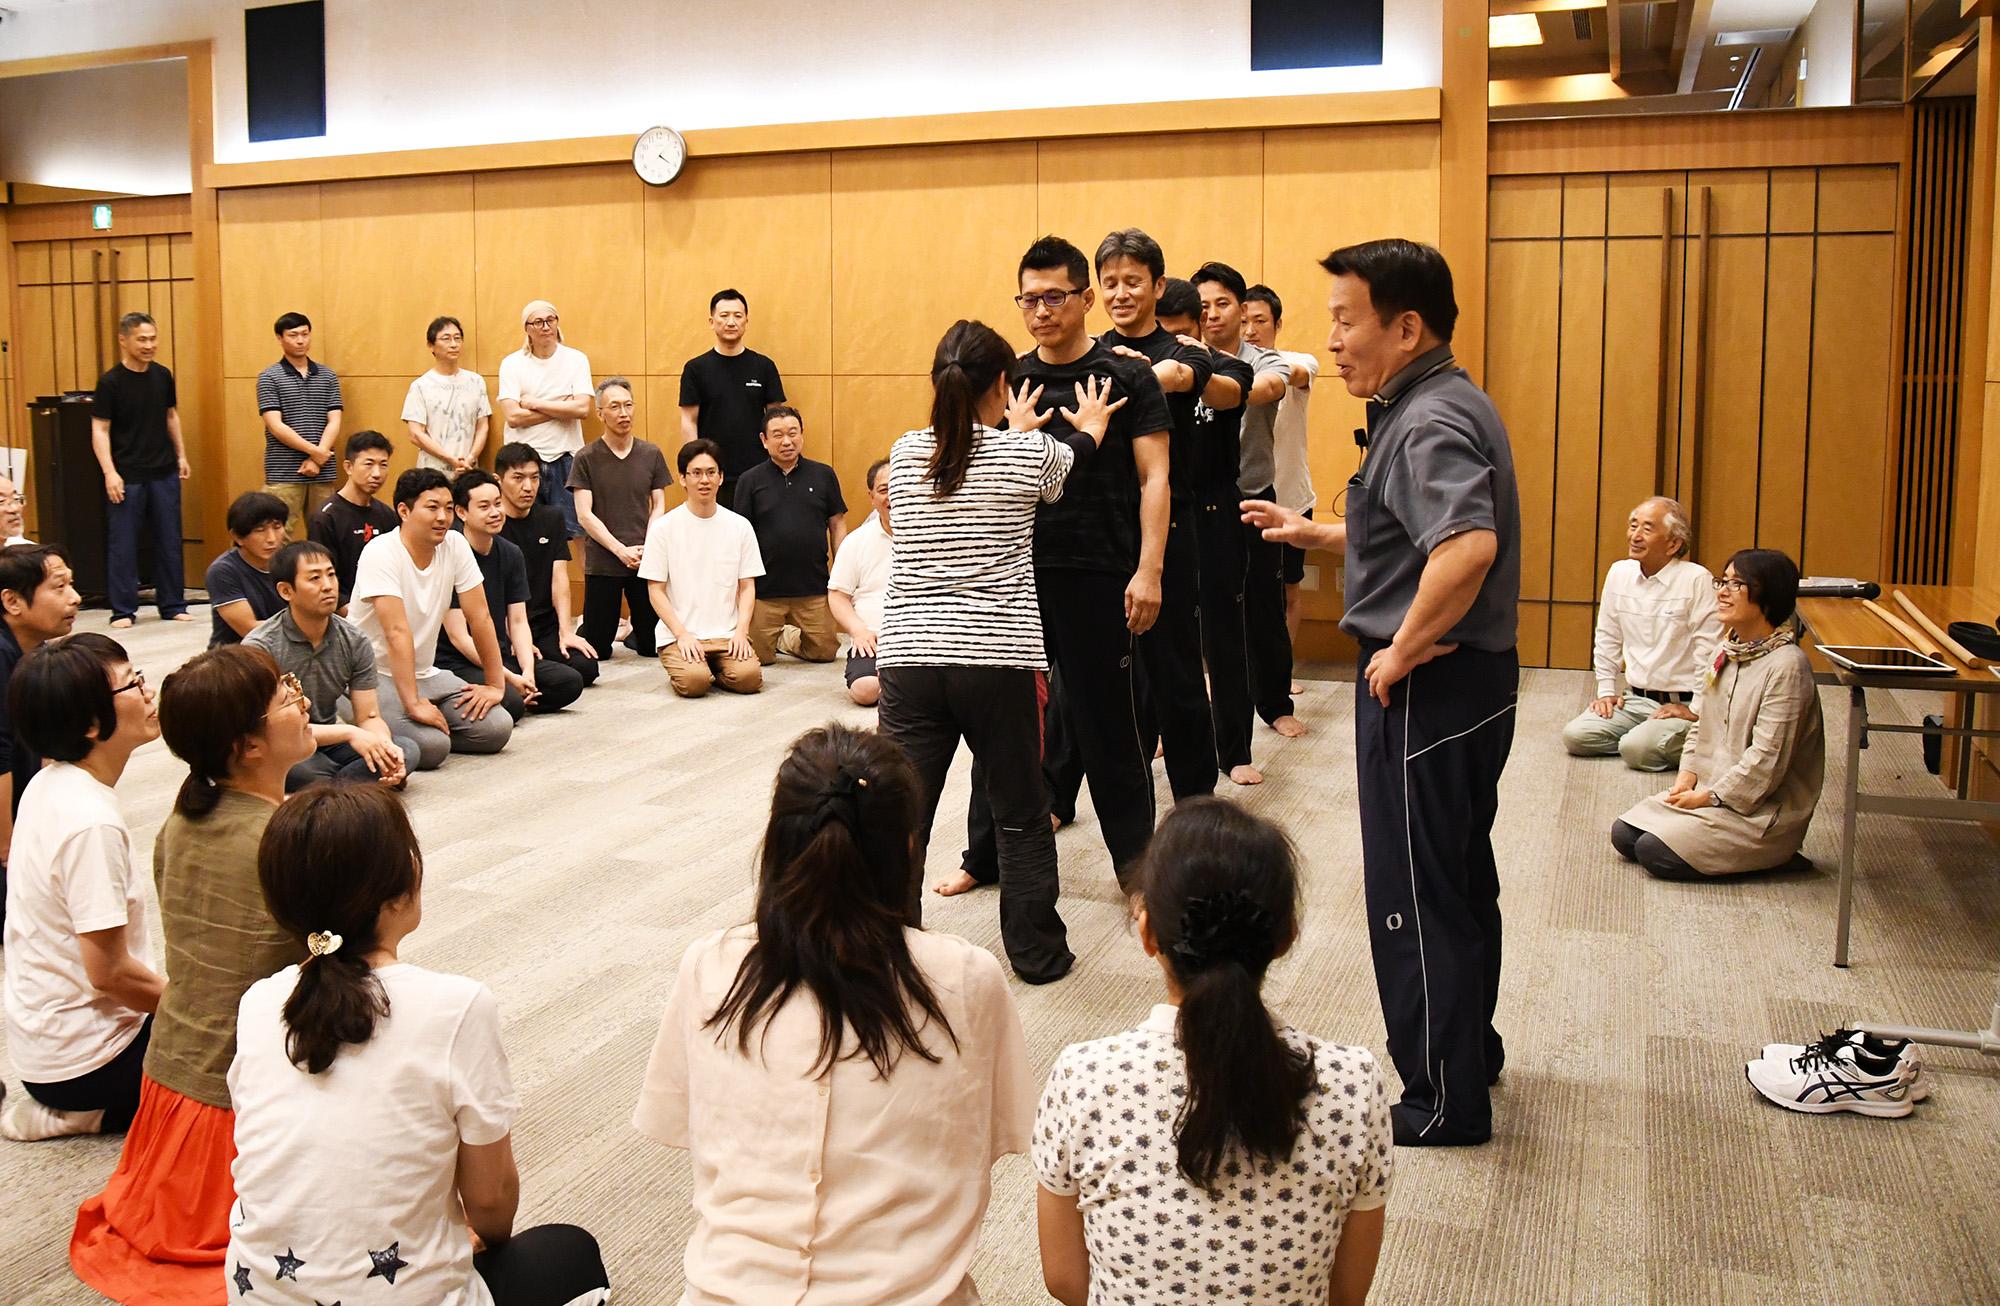 2020年11月〈東京〉 宇城憲治 体験講習会